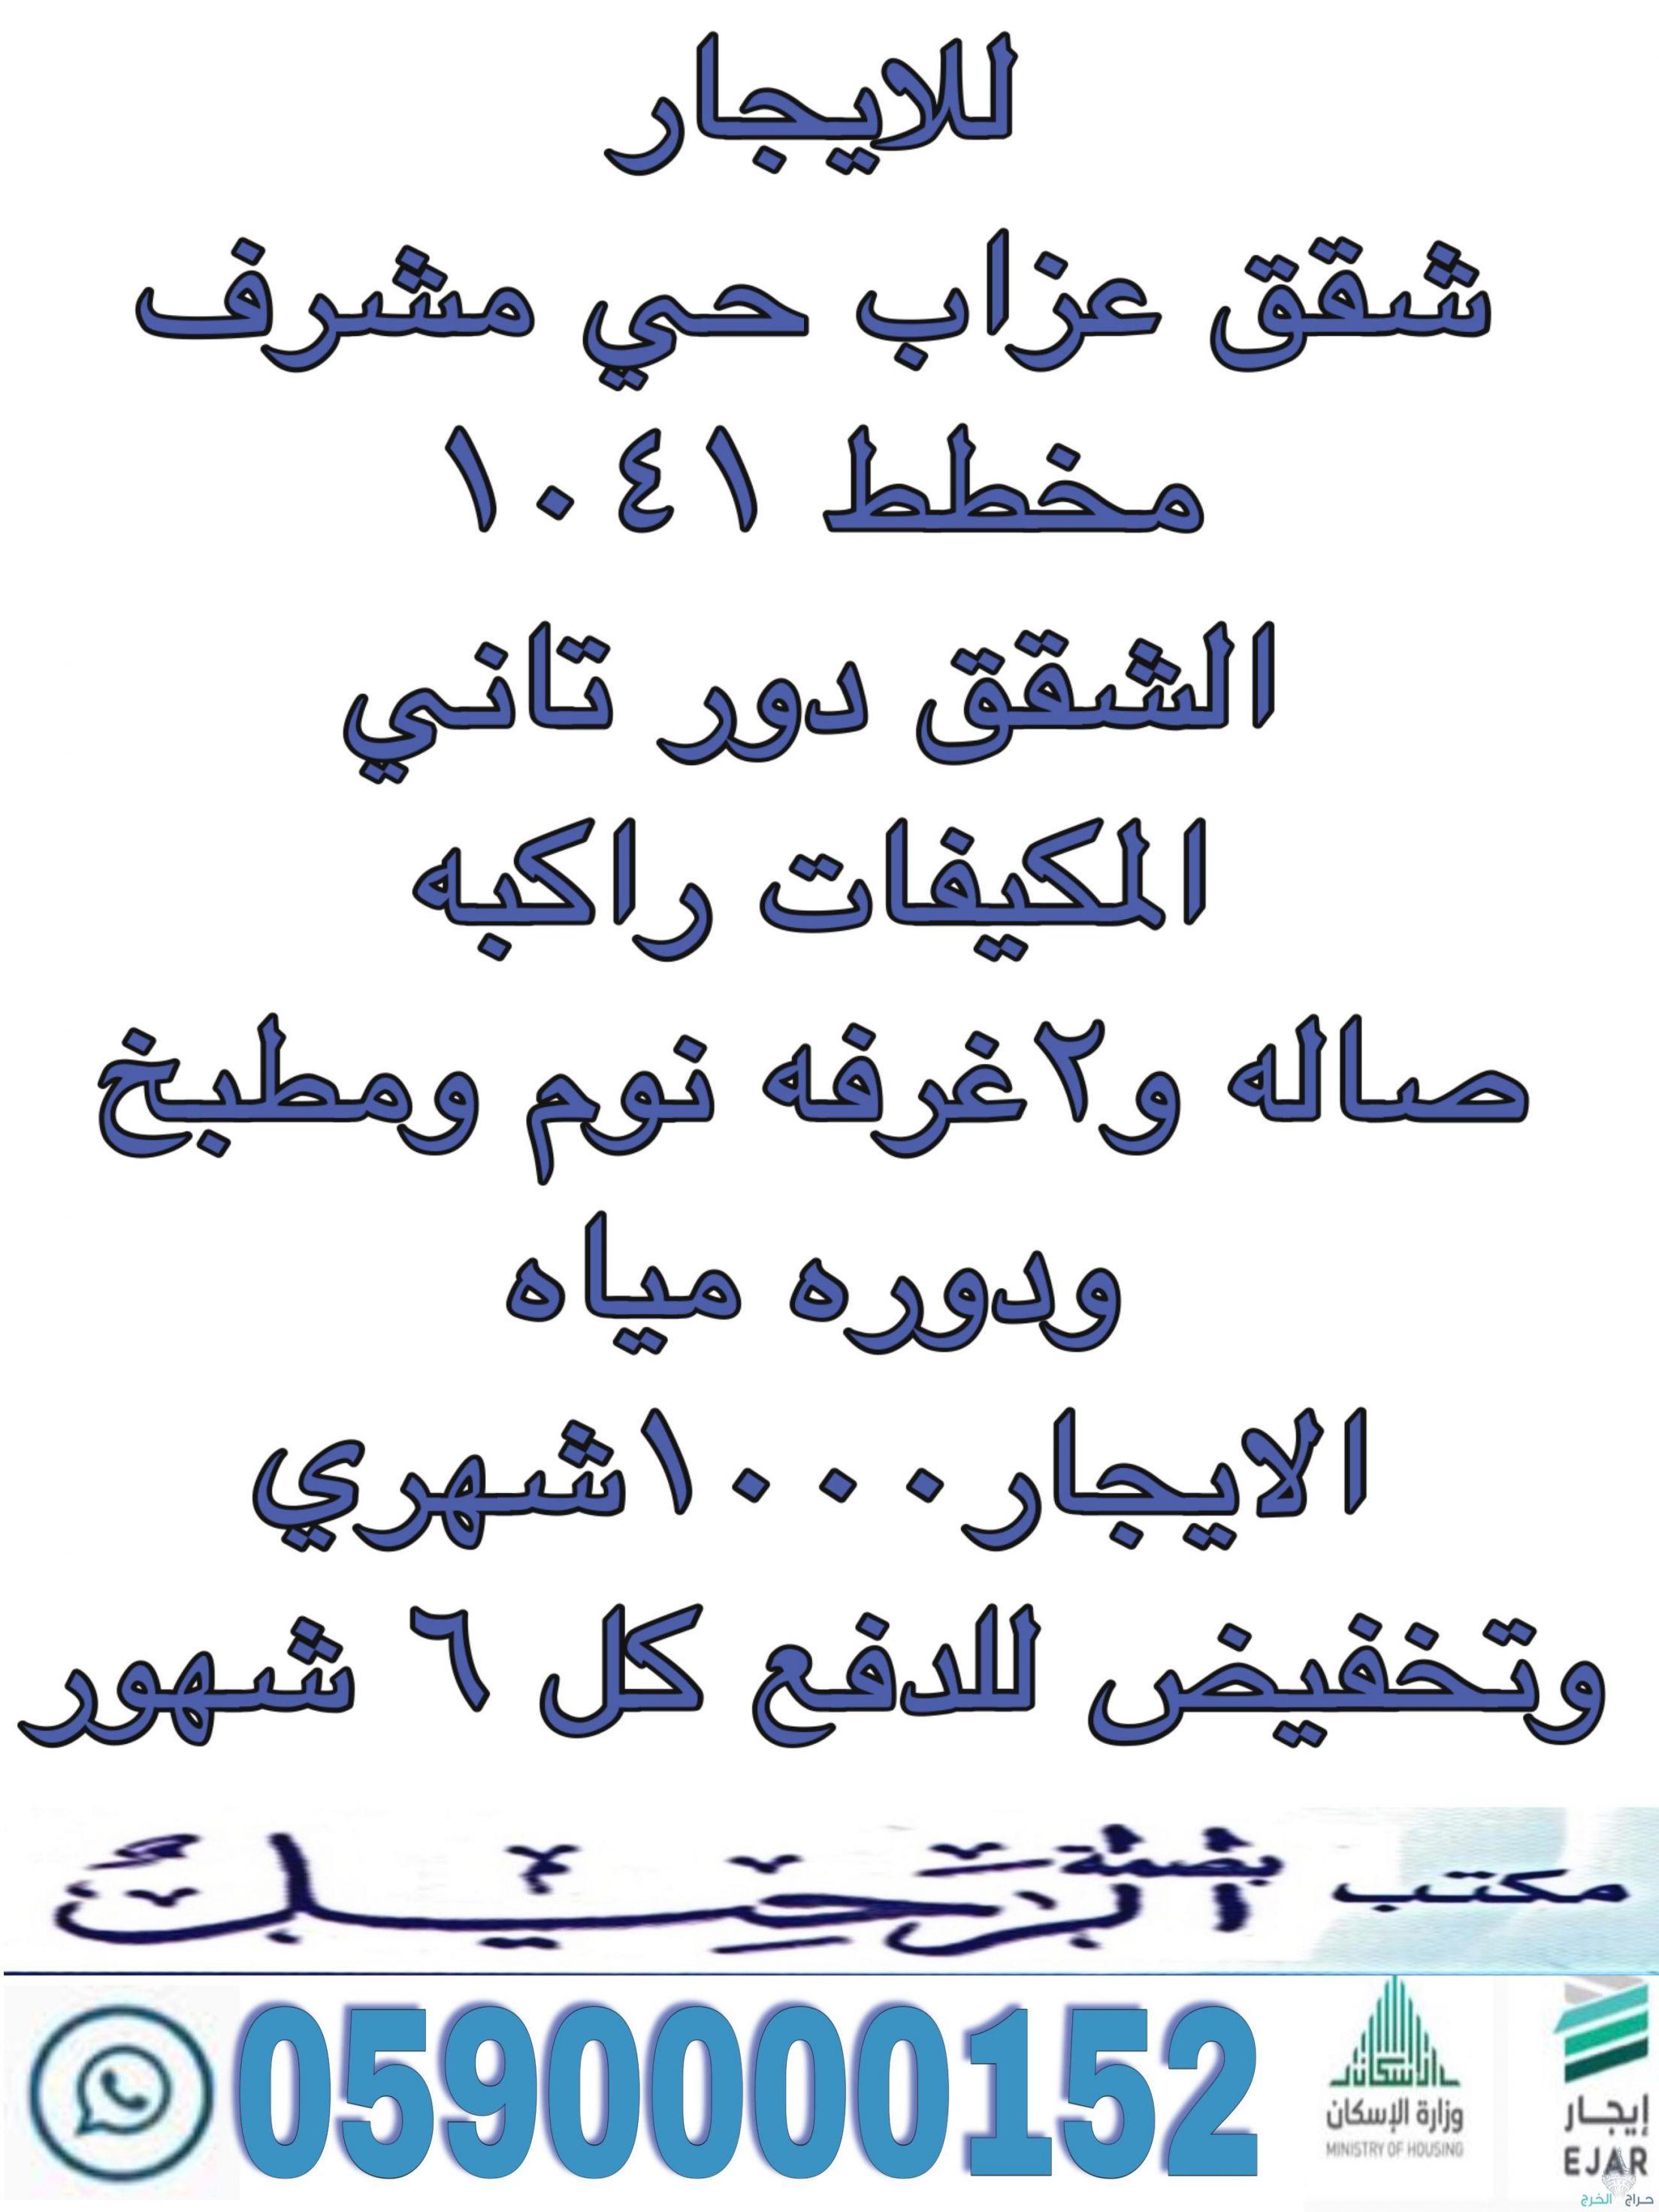 للايجار شقق عزاب في حي مشرف مخطط ١٠٤١